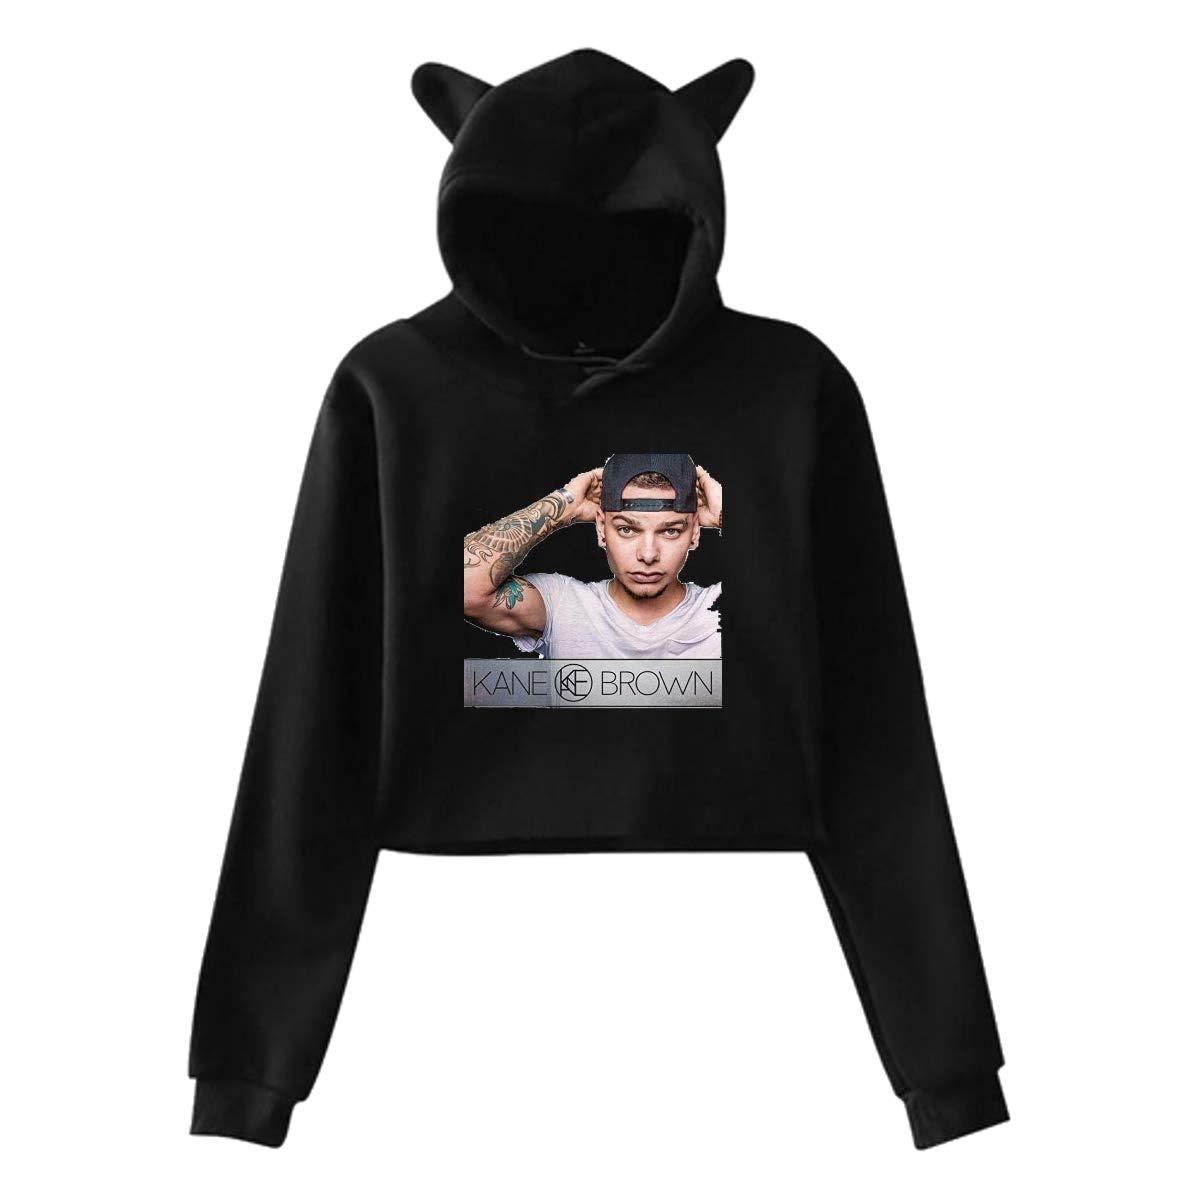 Kane Brown Women Girl Hoodies Cute Cat Ear Novelty Printed Pullover Sweatshirt